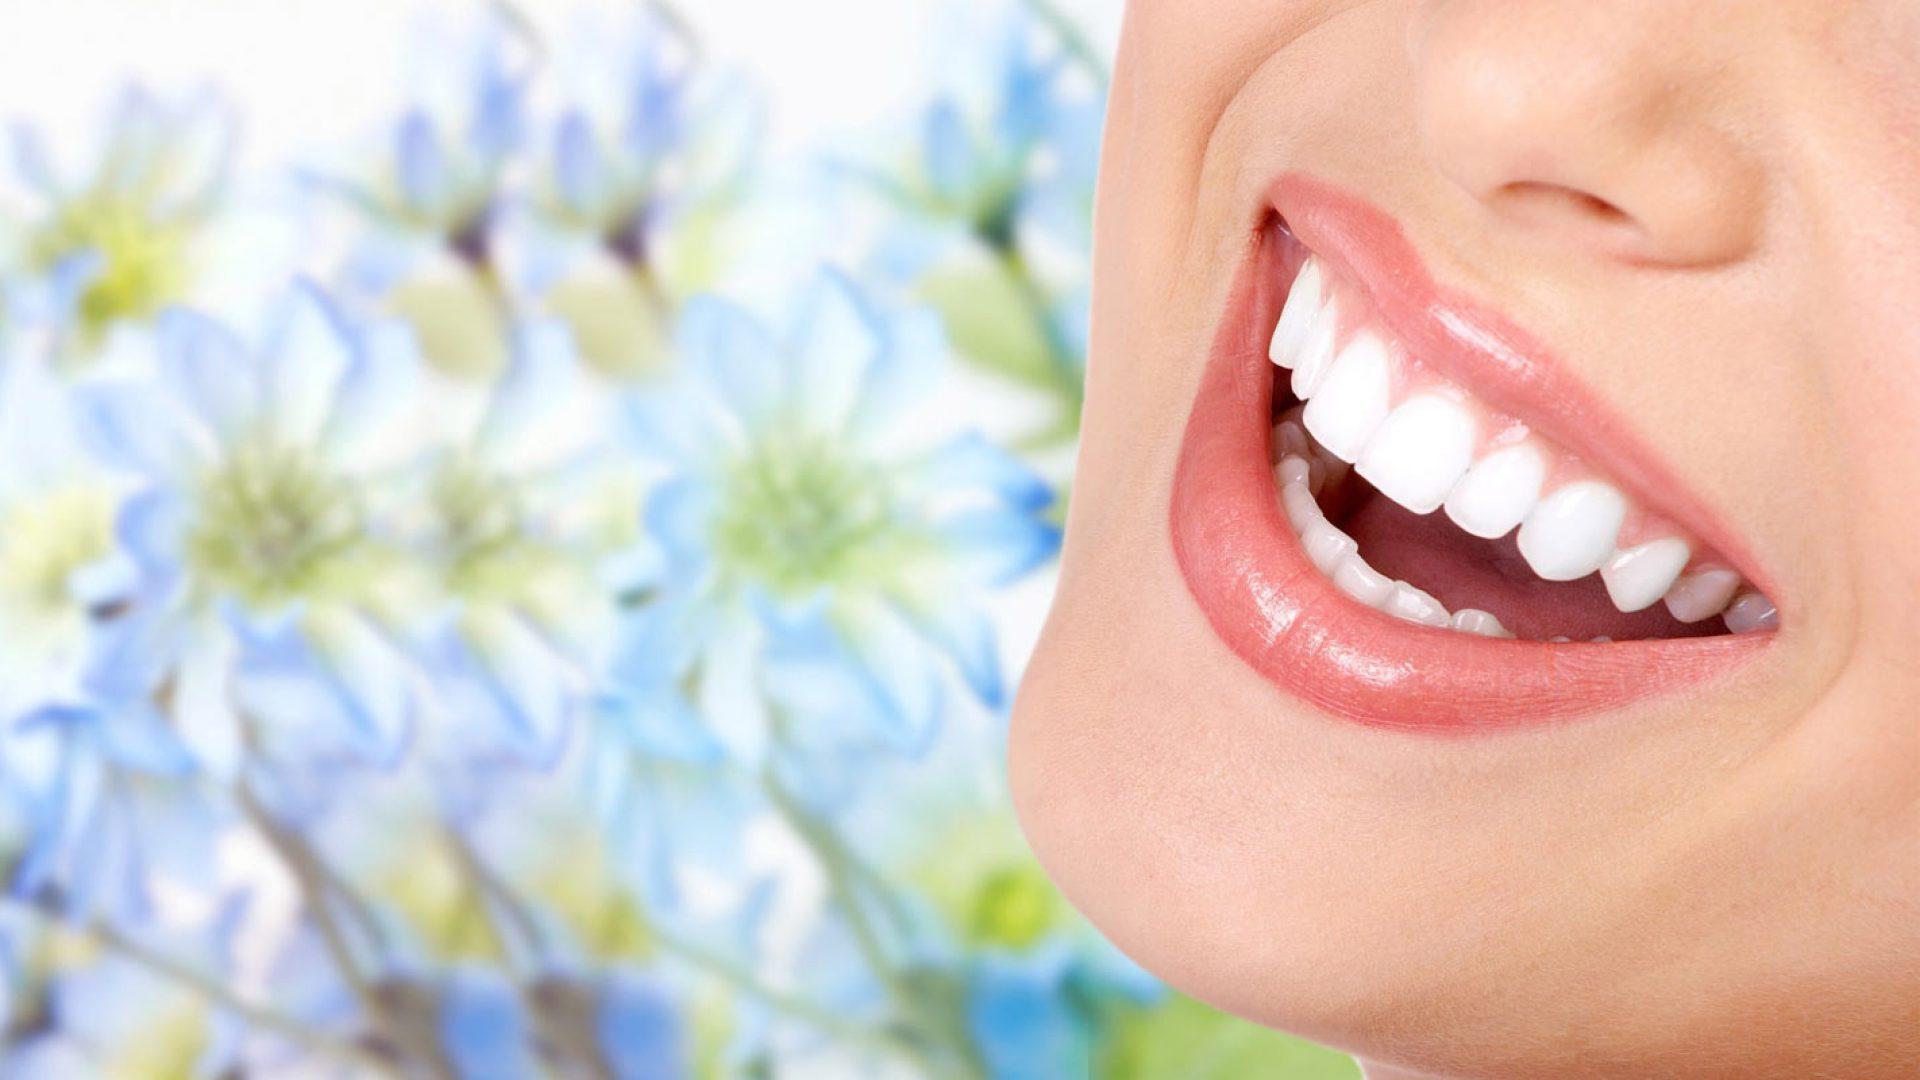 Haugenstua Tannlegesenter